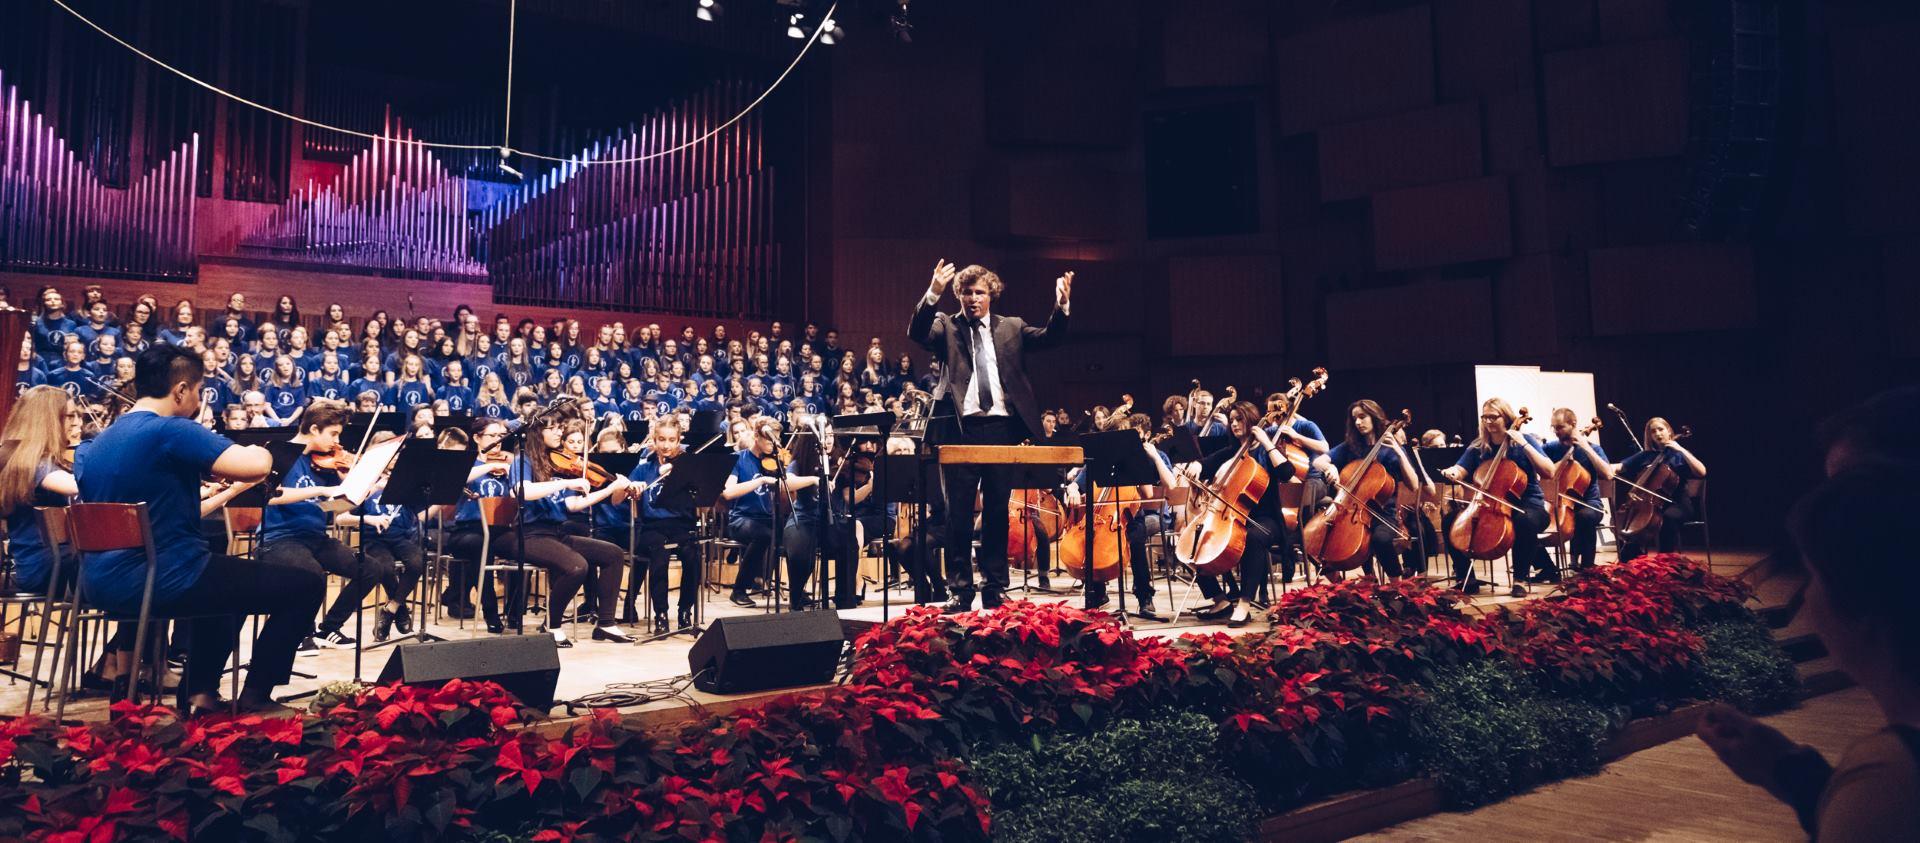 Više od 250 mladih glazbenika iz Hrvatske, BiH i Srbije oduševilo publiku u Lisinskom